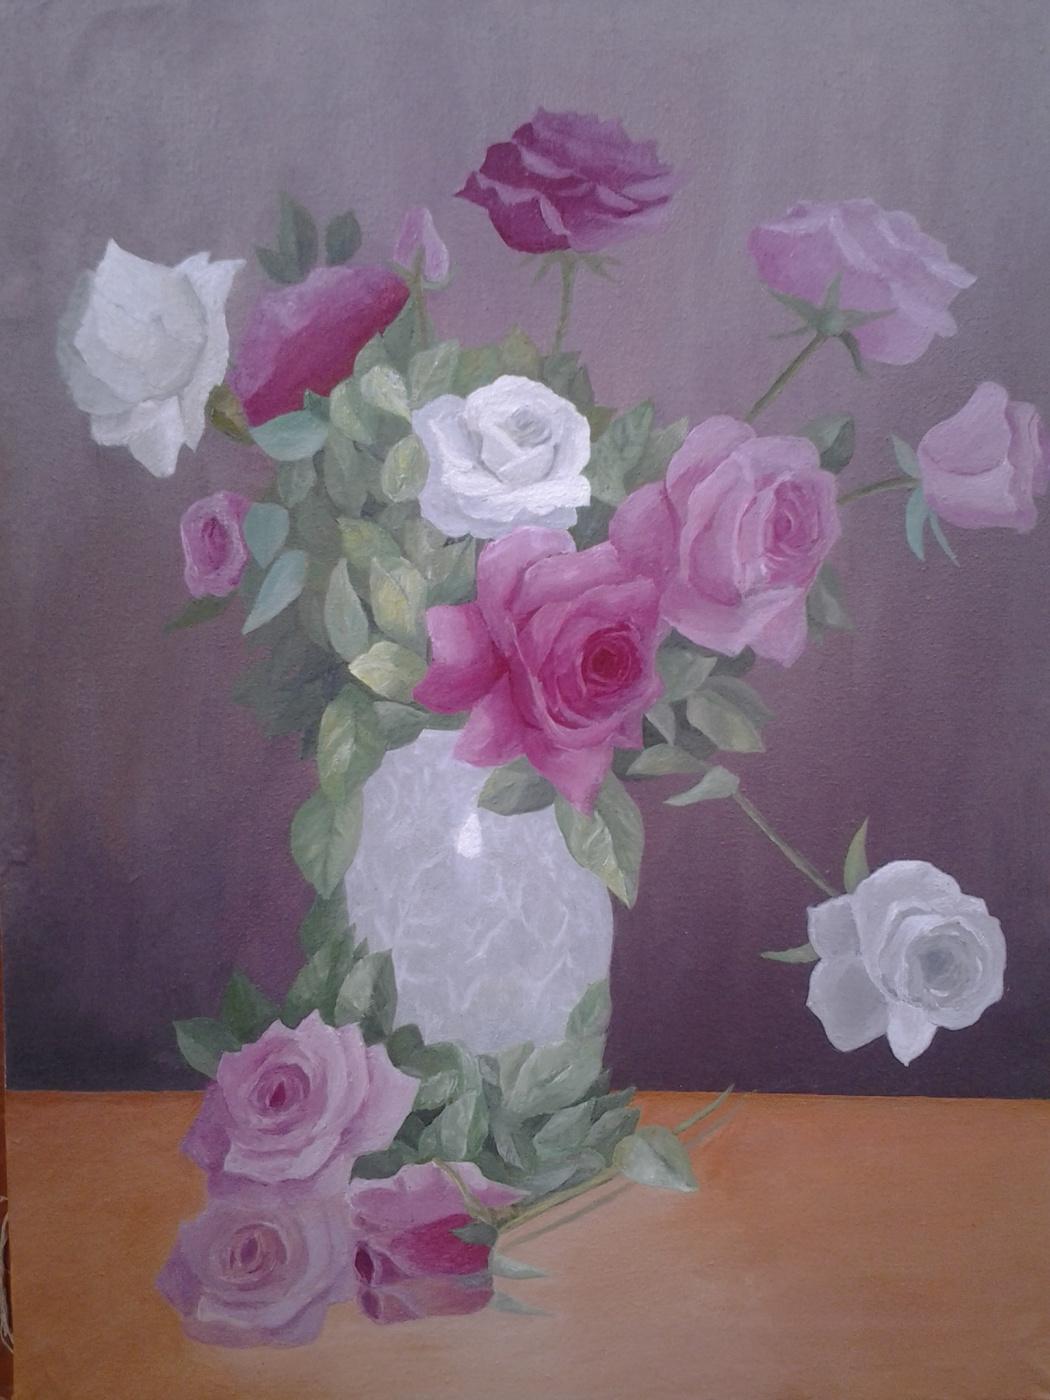 Mihran Mkrtumyan. Roses